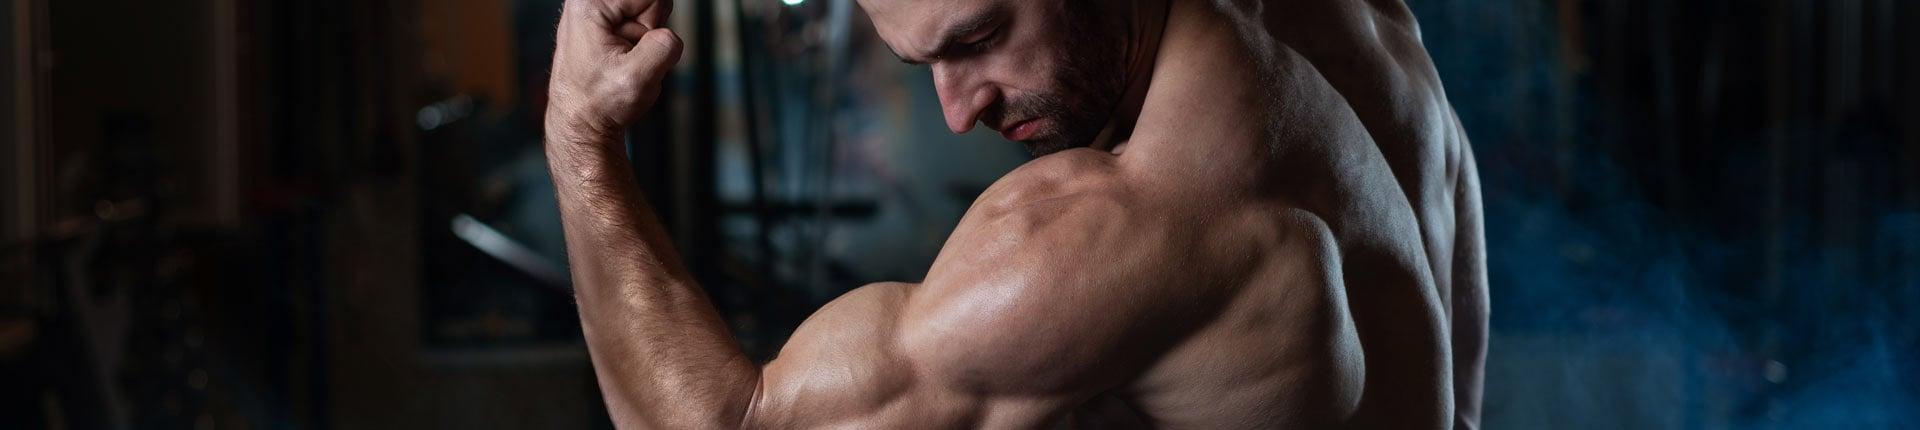 Jak zwiększyć siłę? Wypróbuj trening 50 powtórzeń!